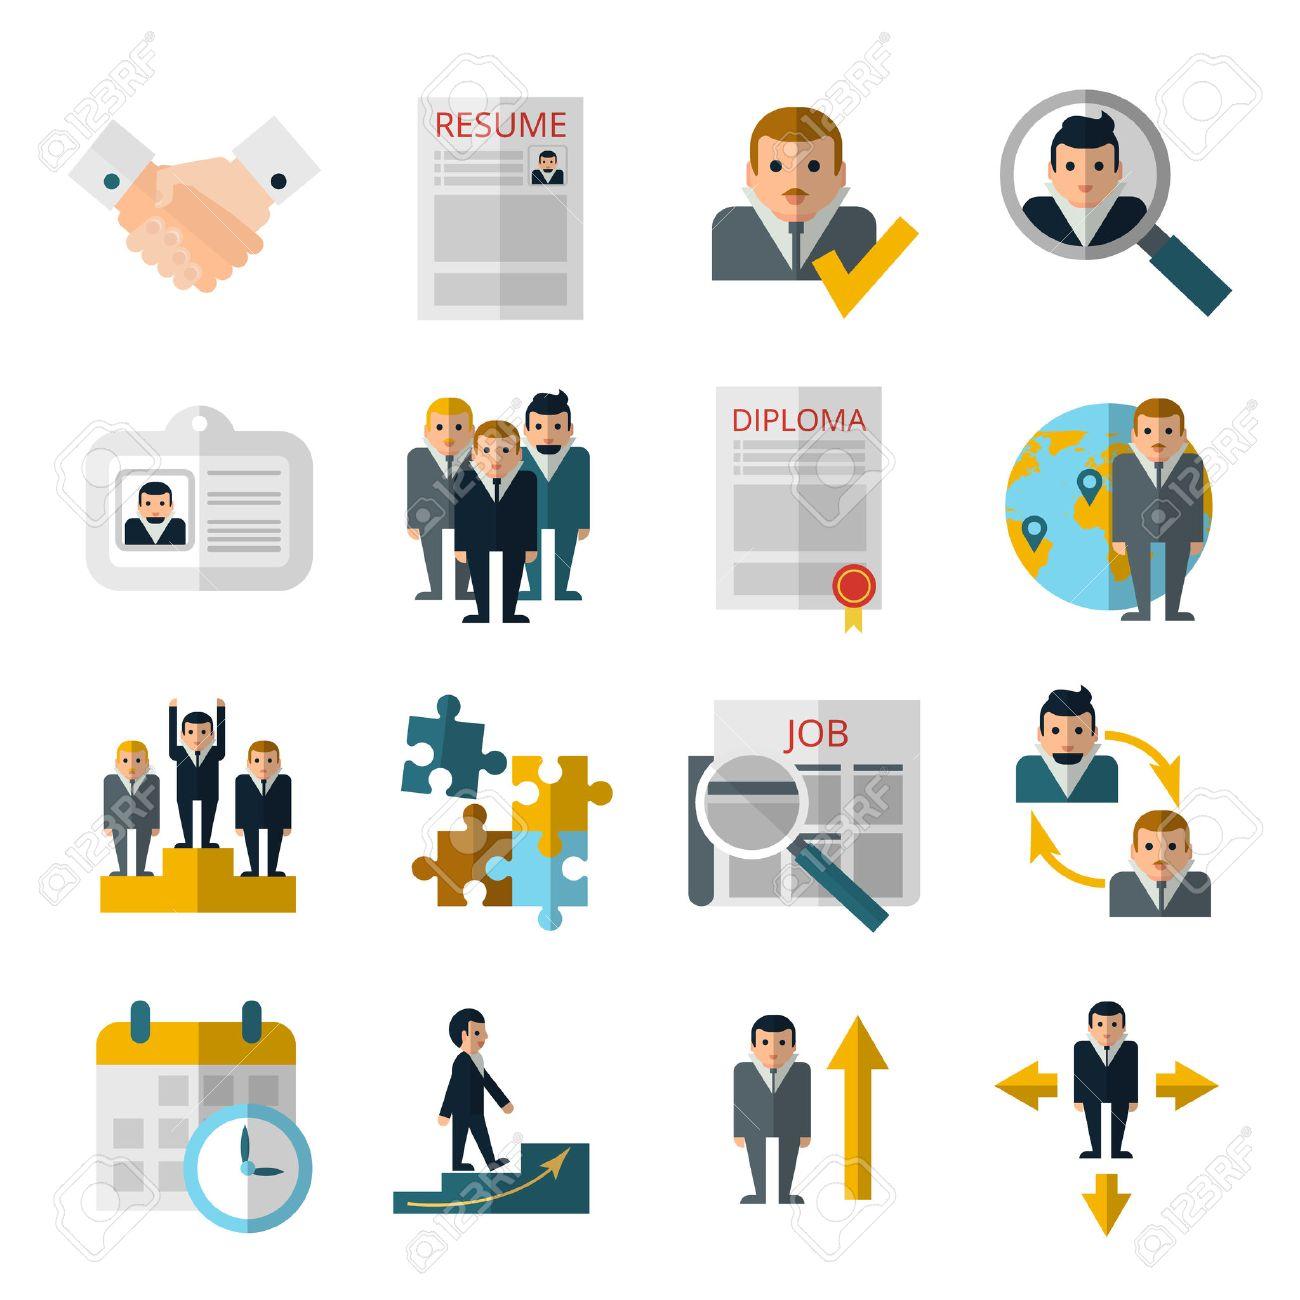 Best Sales Resume Example Of Sales Resume Ziptogreen com Best  Best Sales  Resume Example Of Sales Resume Ziptogreen com Best High Quality Clipart